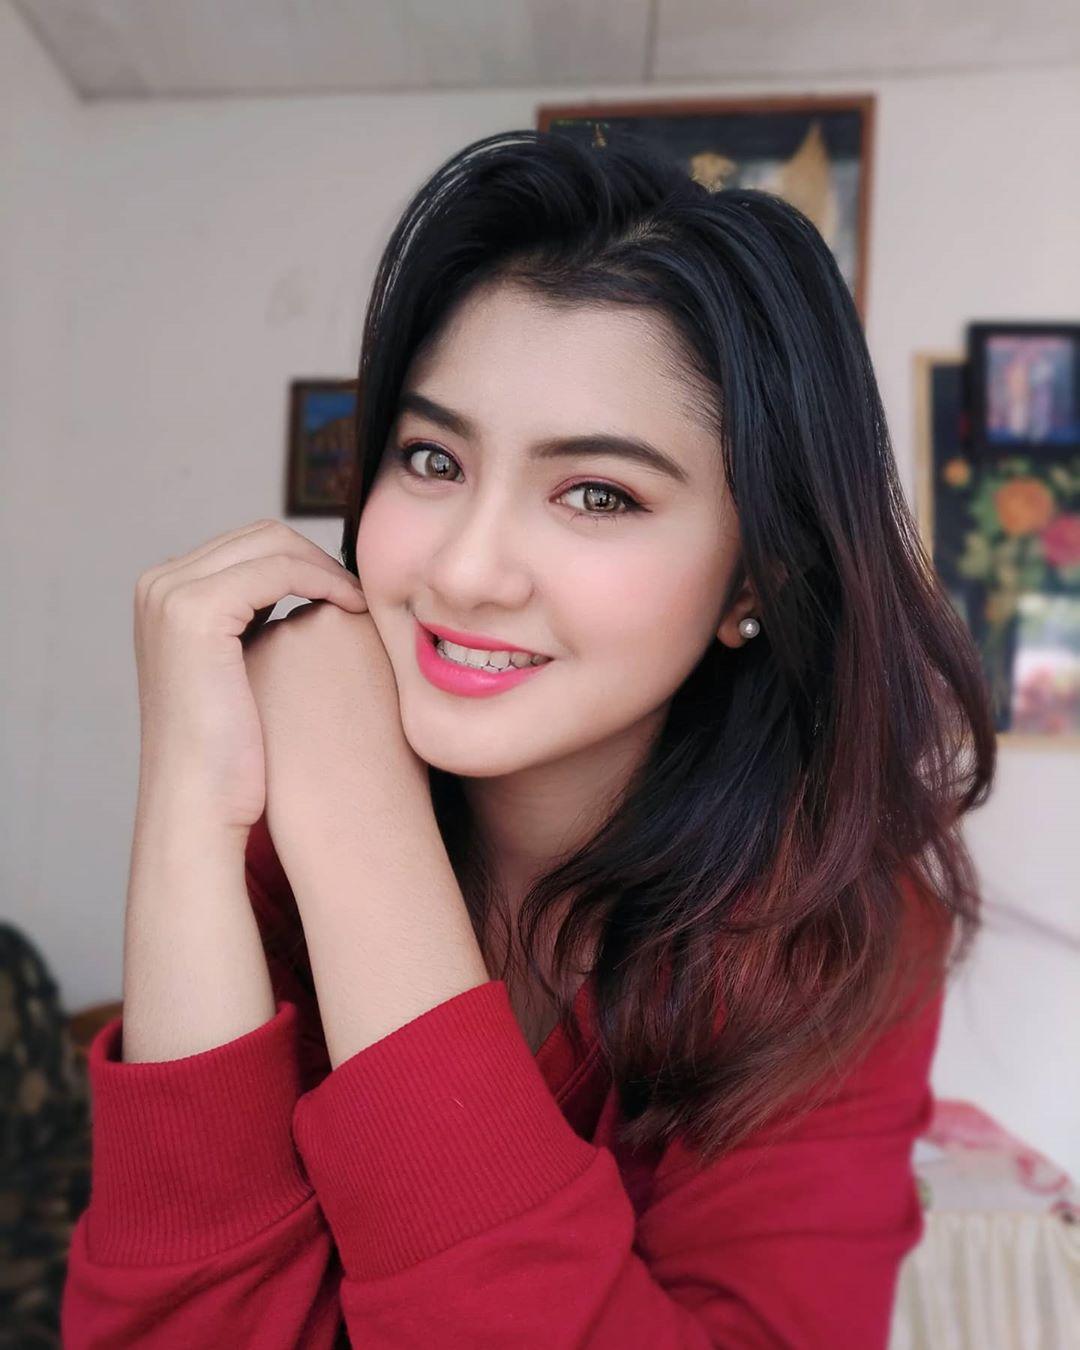 Sejenak Bersama Nadine Ramadhanty, Gadis Cantik dan Imut